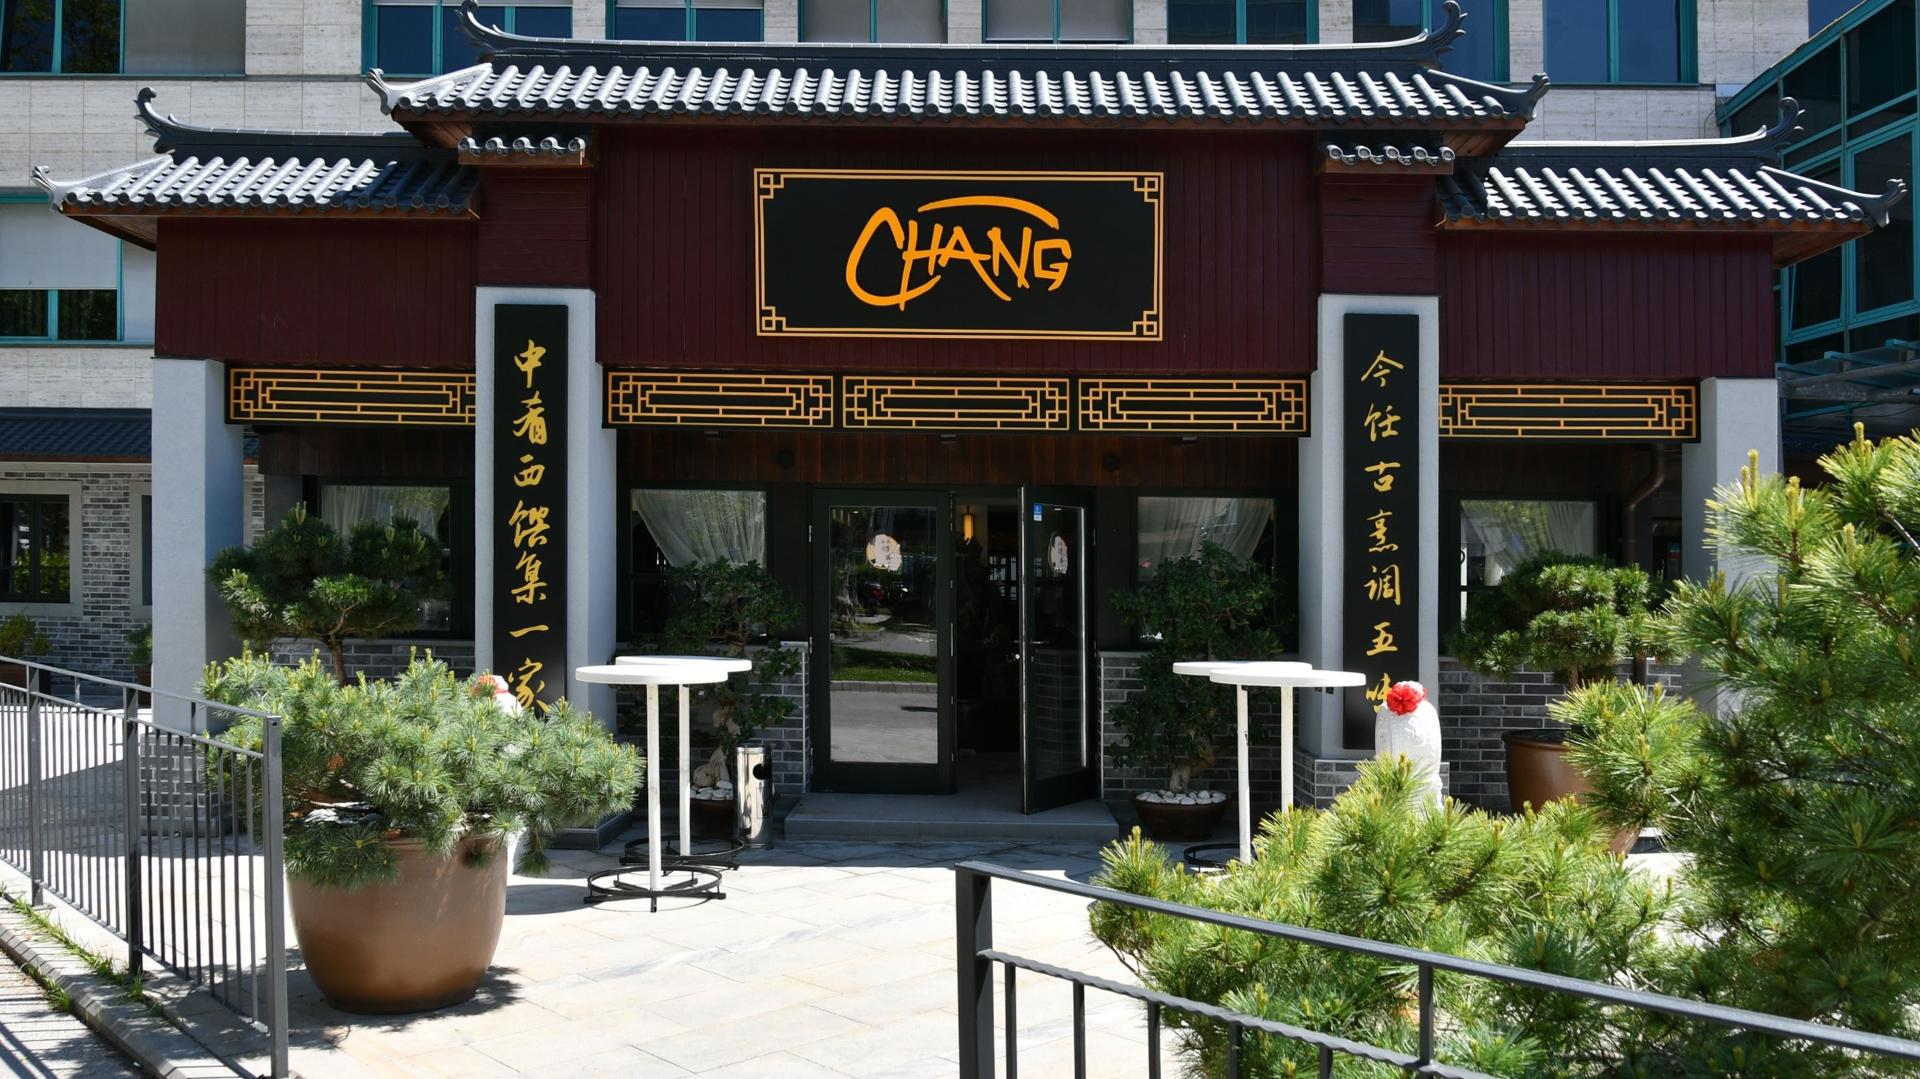 Chang-hero